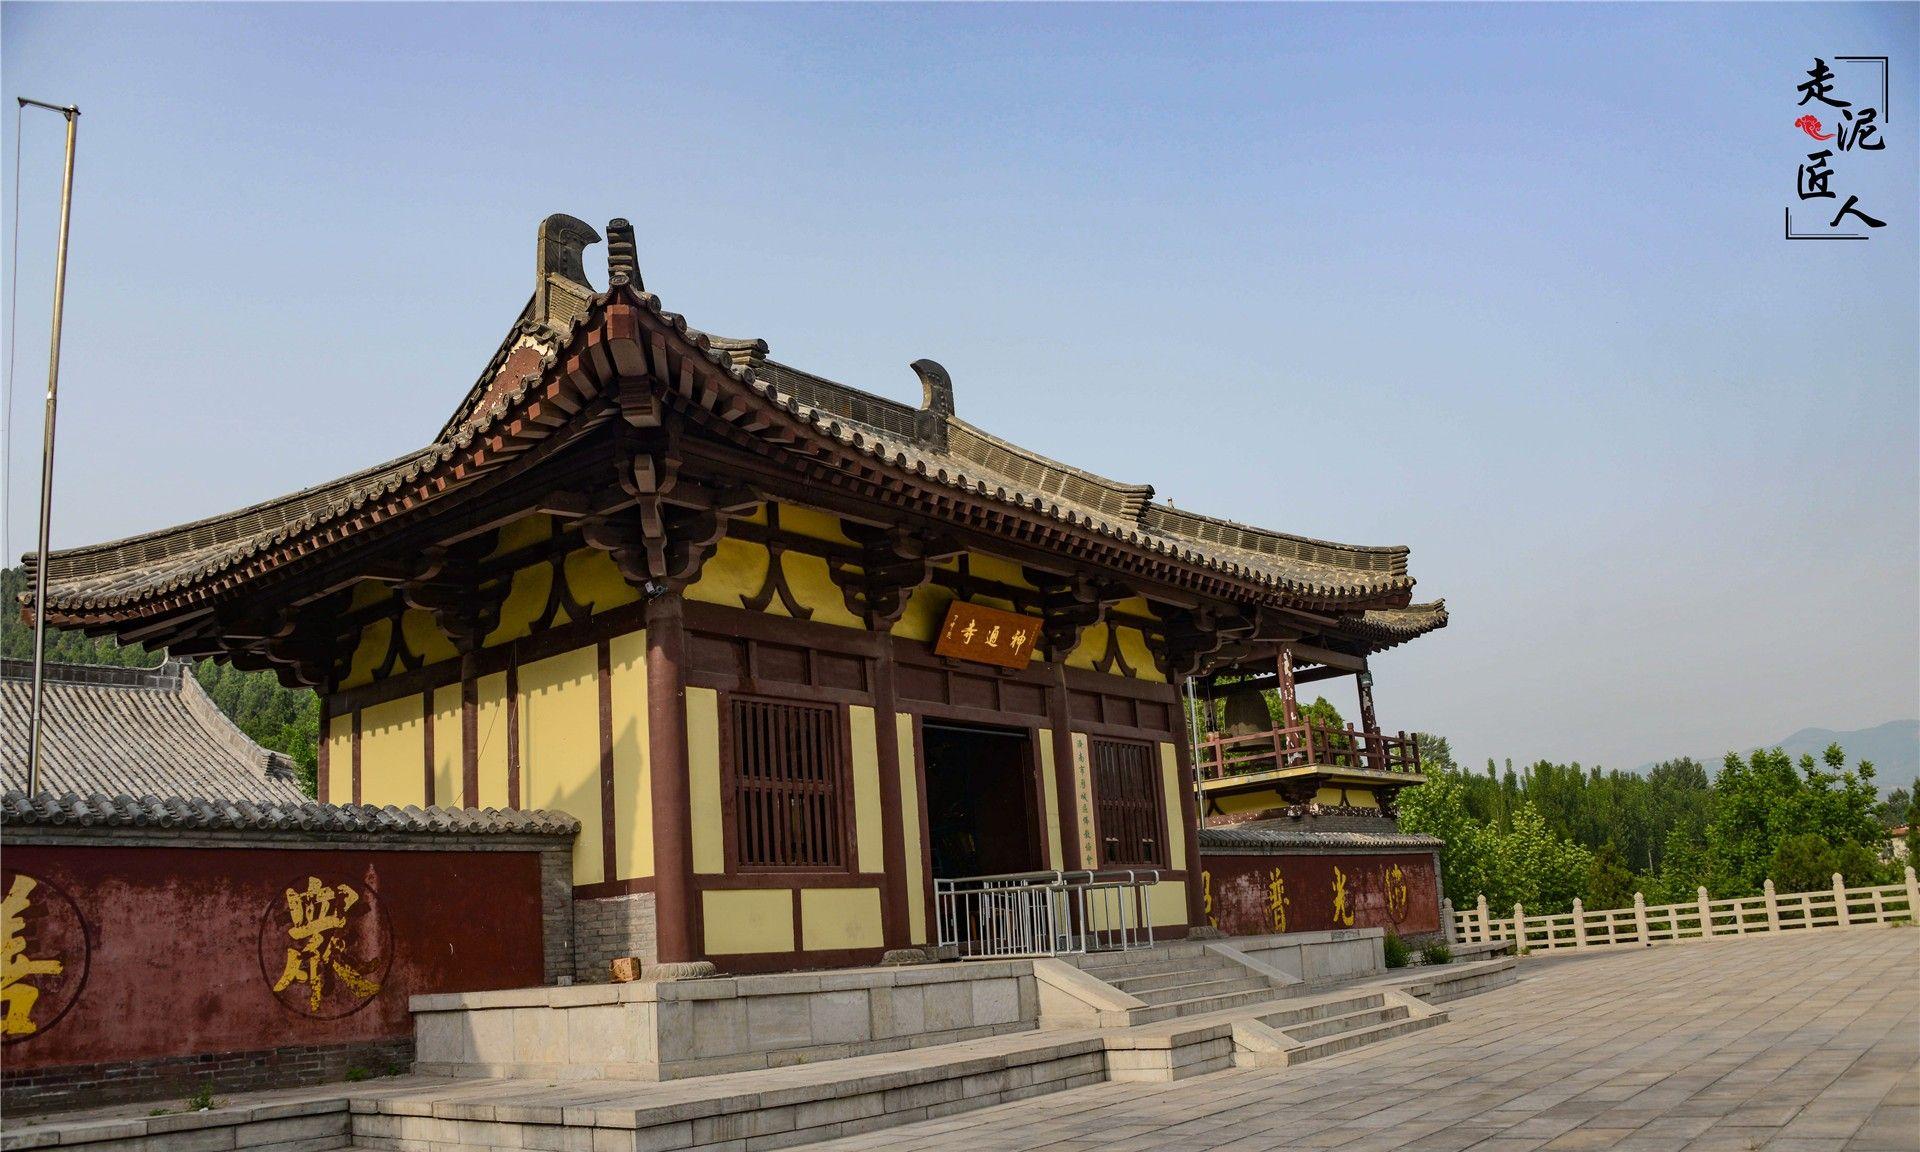 至今仍遗存的古塔旧碑、摩崖造像——神通寺